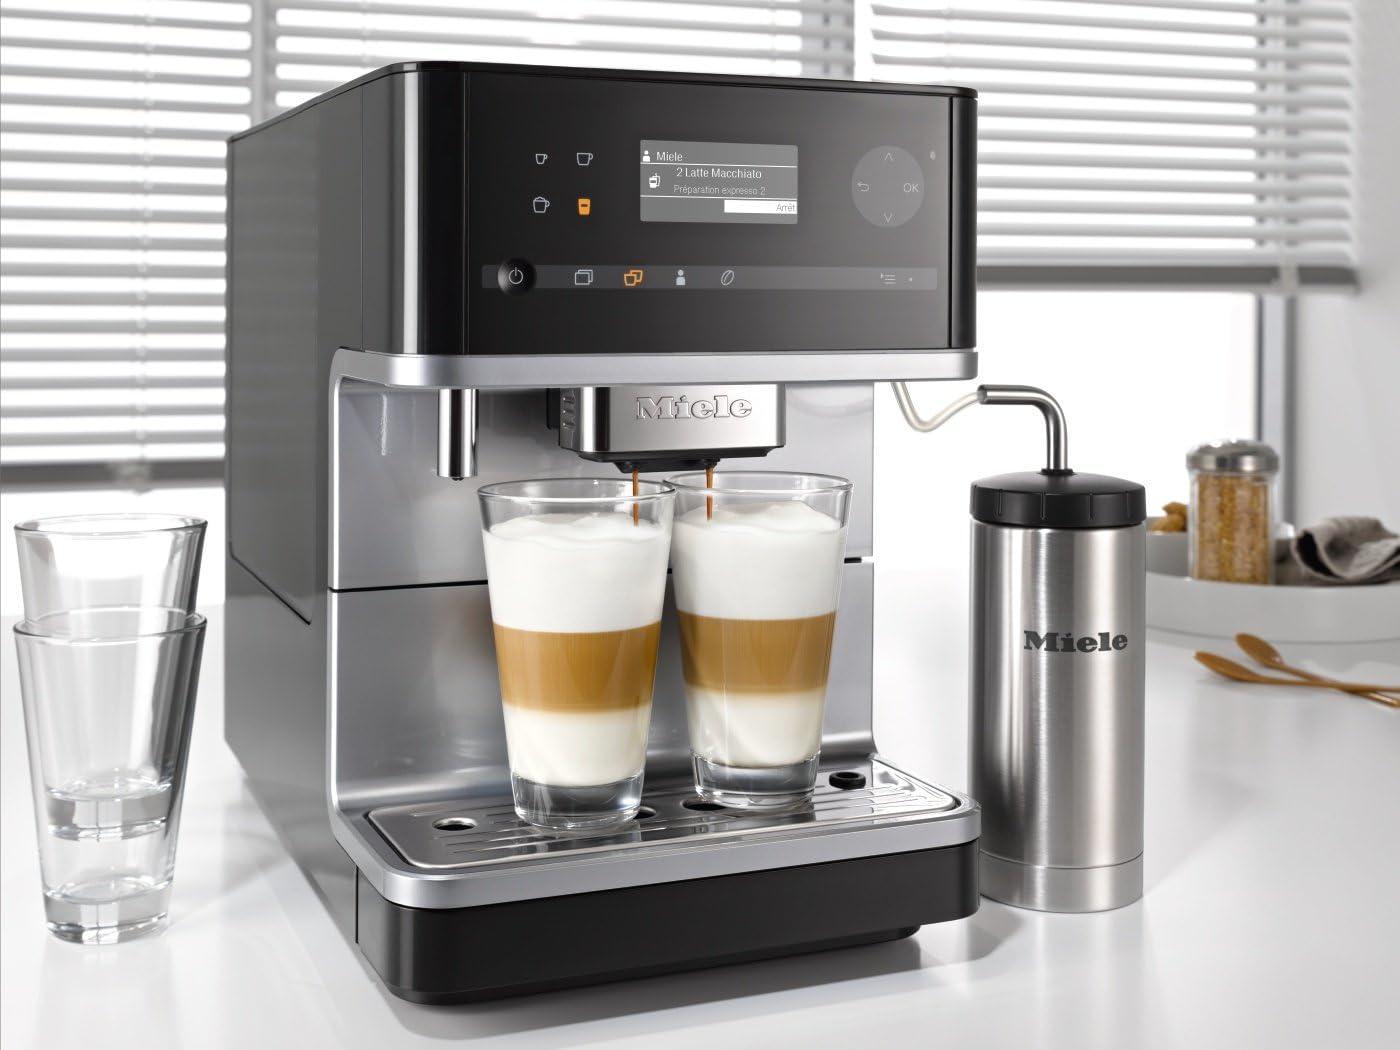 Miele CM 6300 cafetera espresso automática Hervidor de taza negro: Amazon.es: Hogar